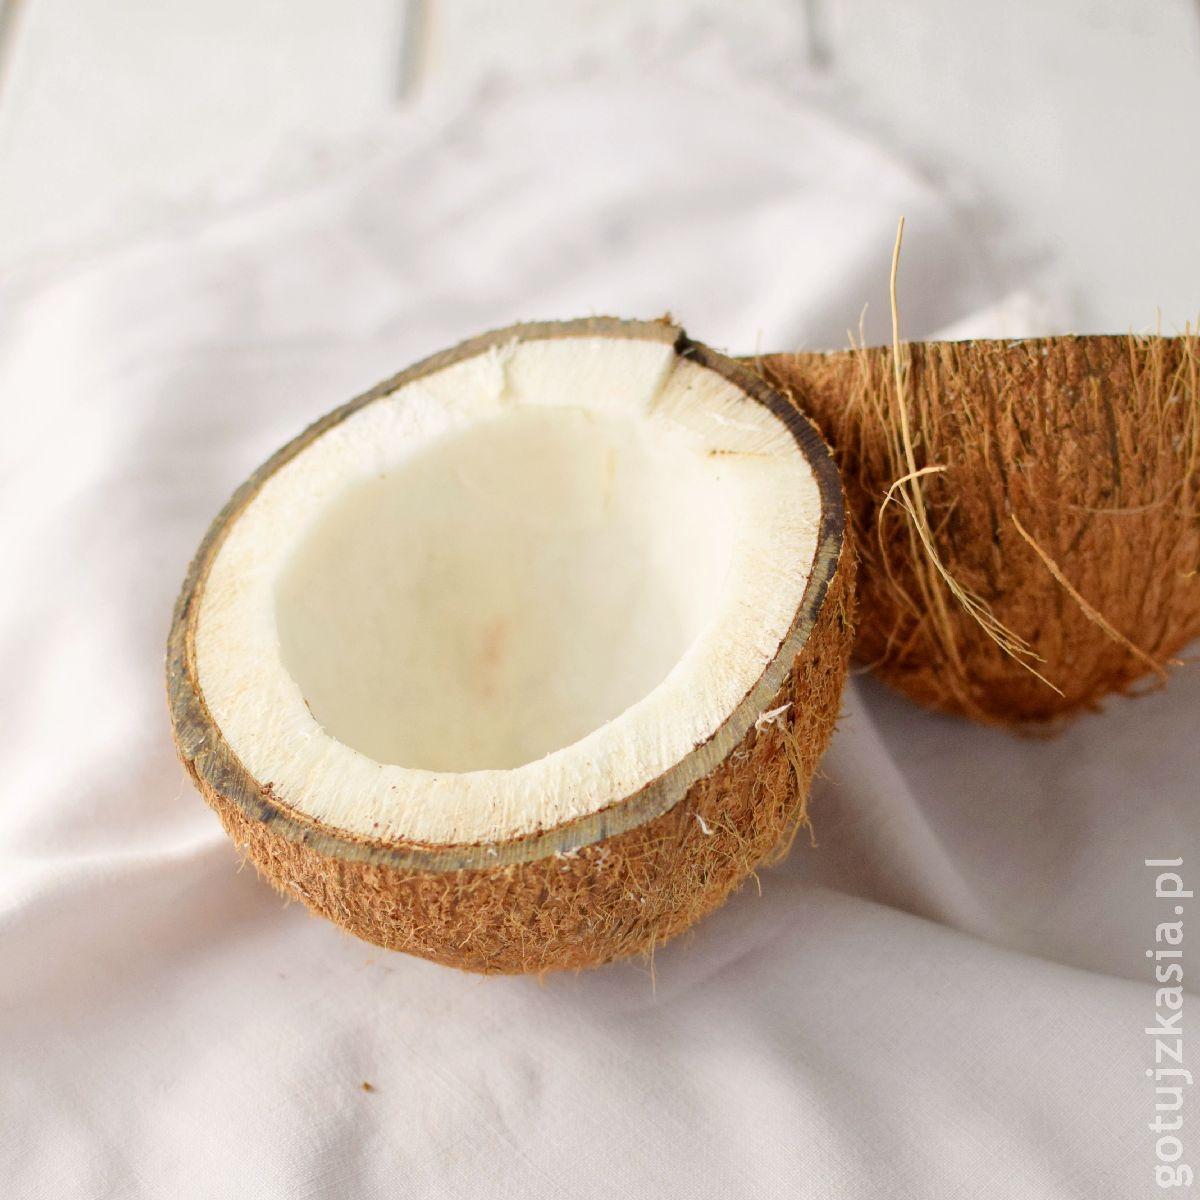 kokosowa panna cotta 4